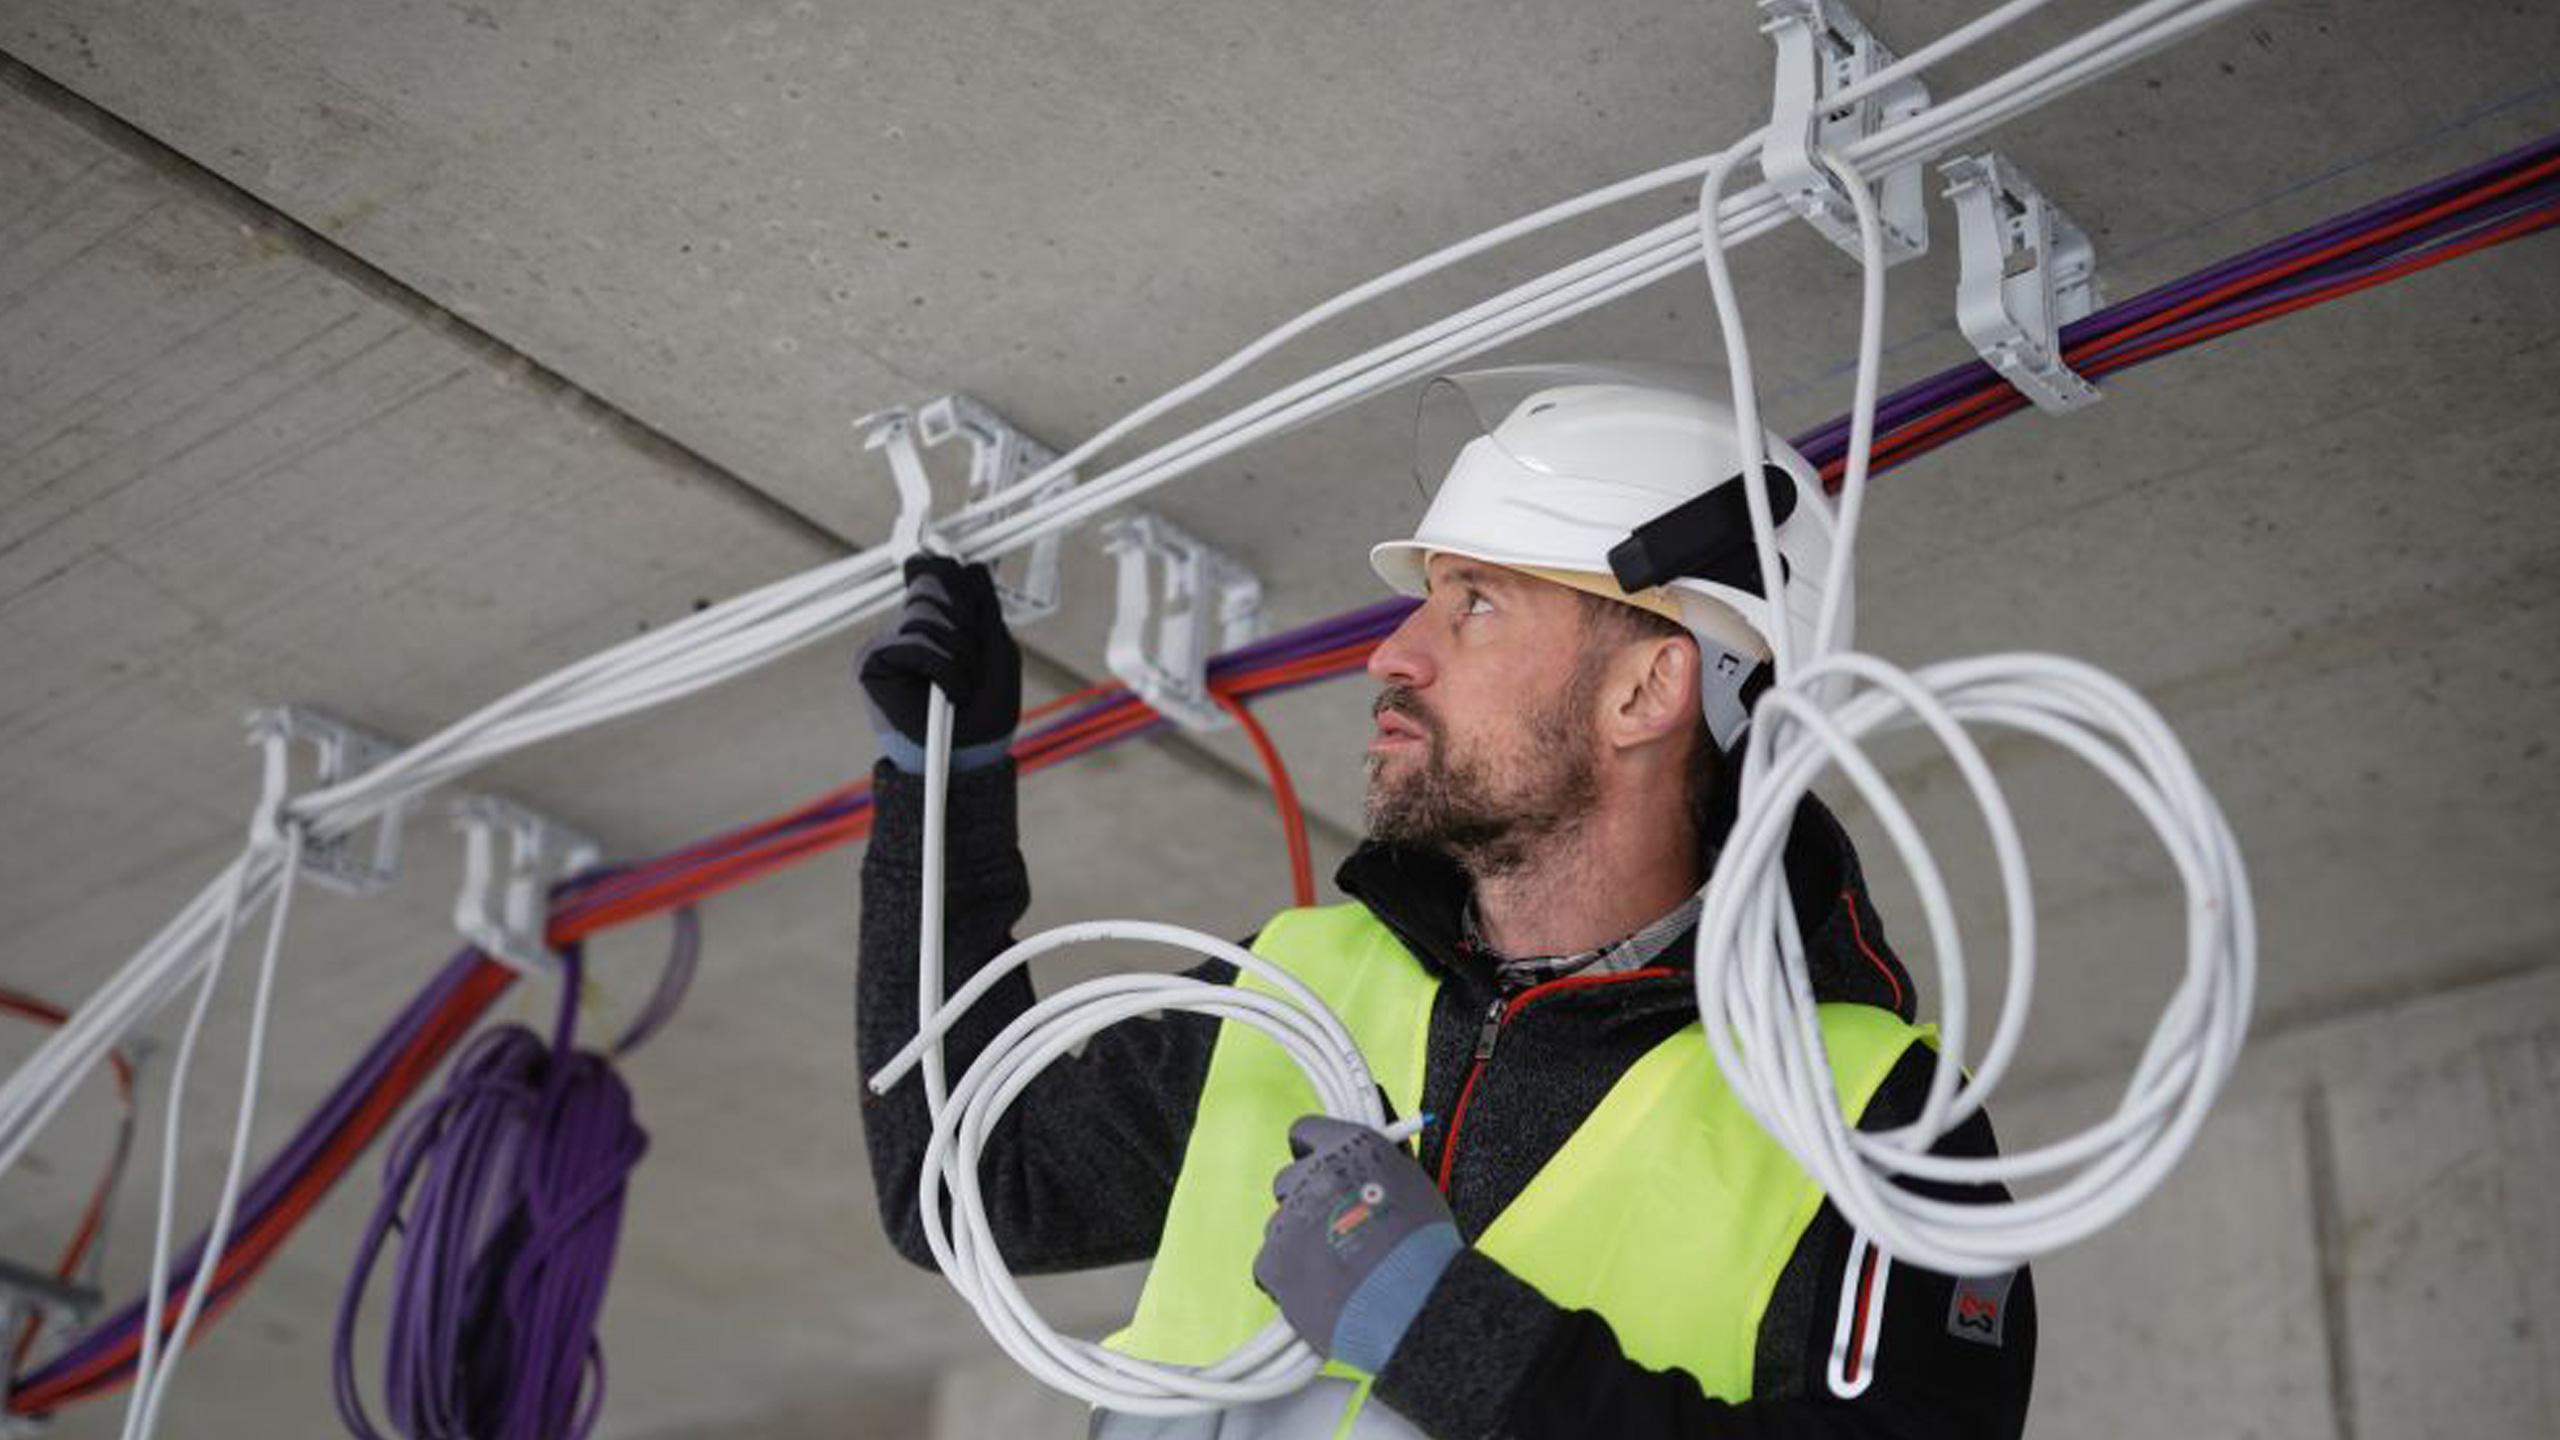 Banco Da Lavoro Per Elettricisti : Forbici da elettricista professionali: le migliori per tenuta e